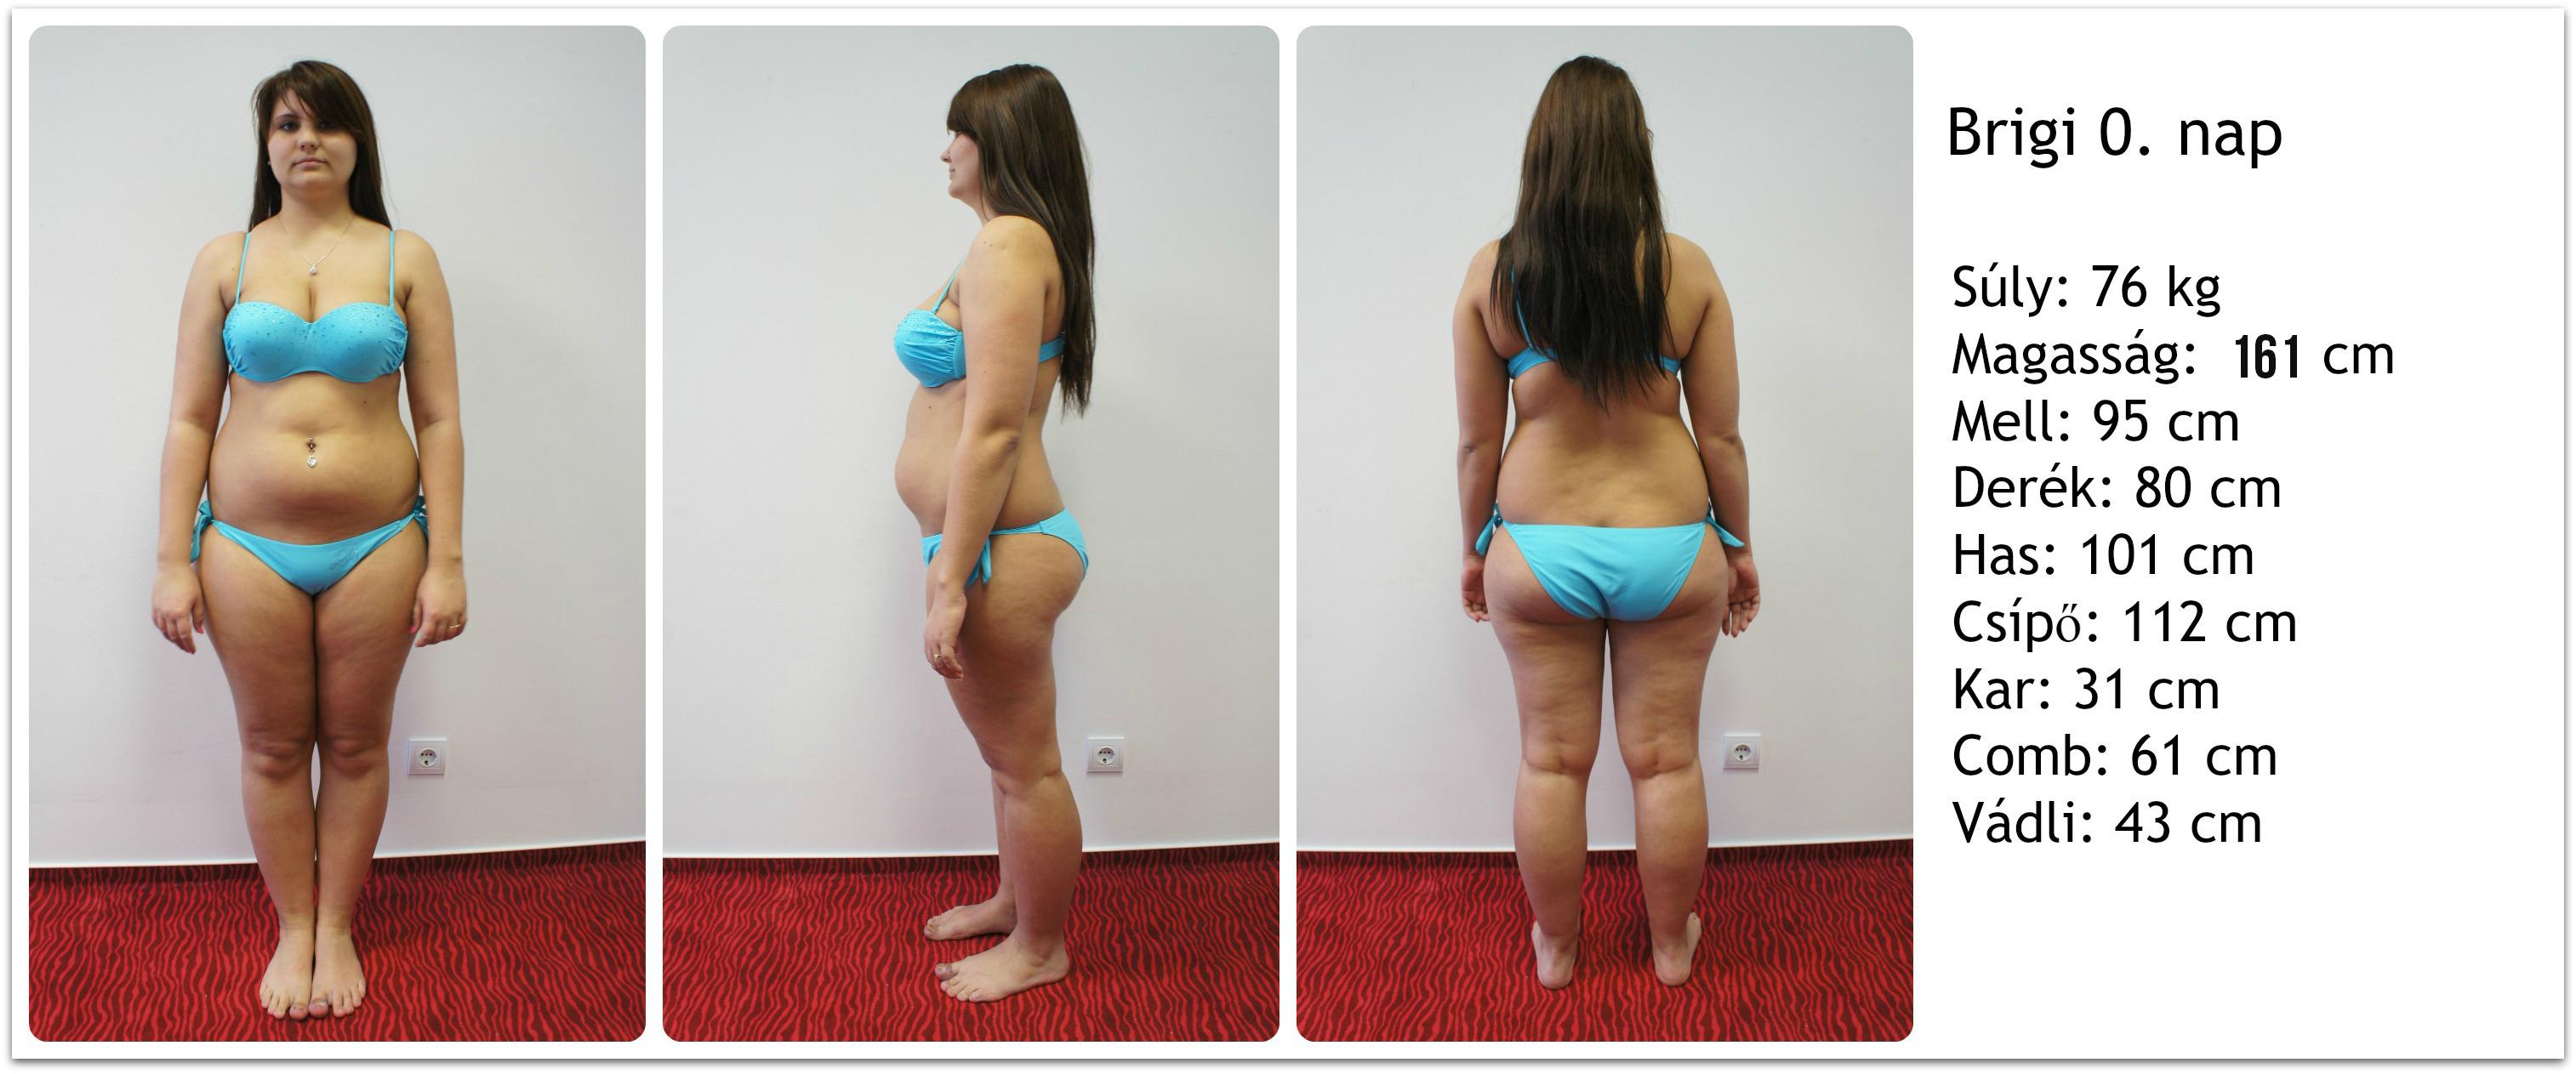 Két hét alatt 3 kg fogyás: zsírégető gyümölcs-diétával! - Napidoktor